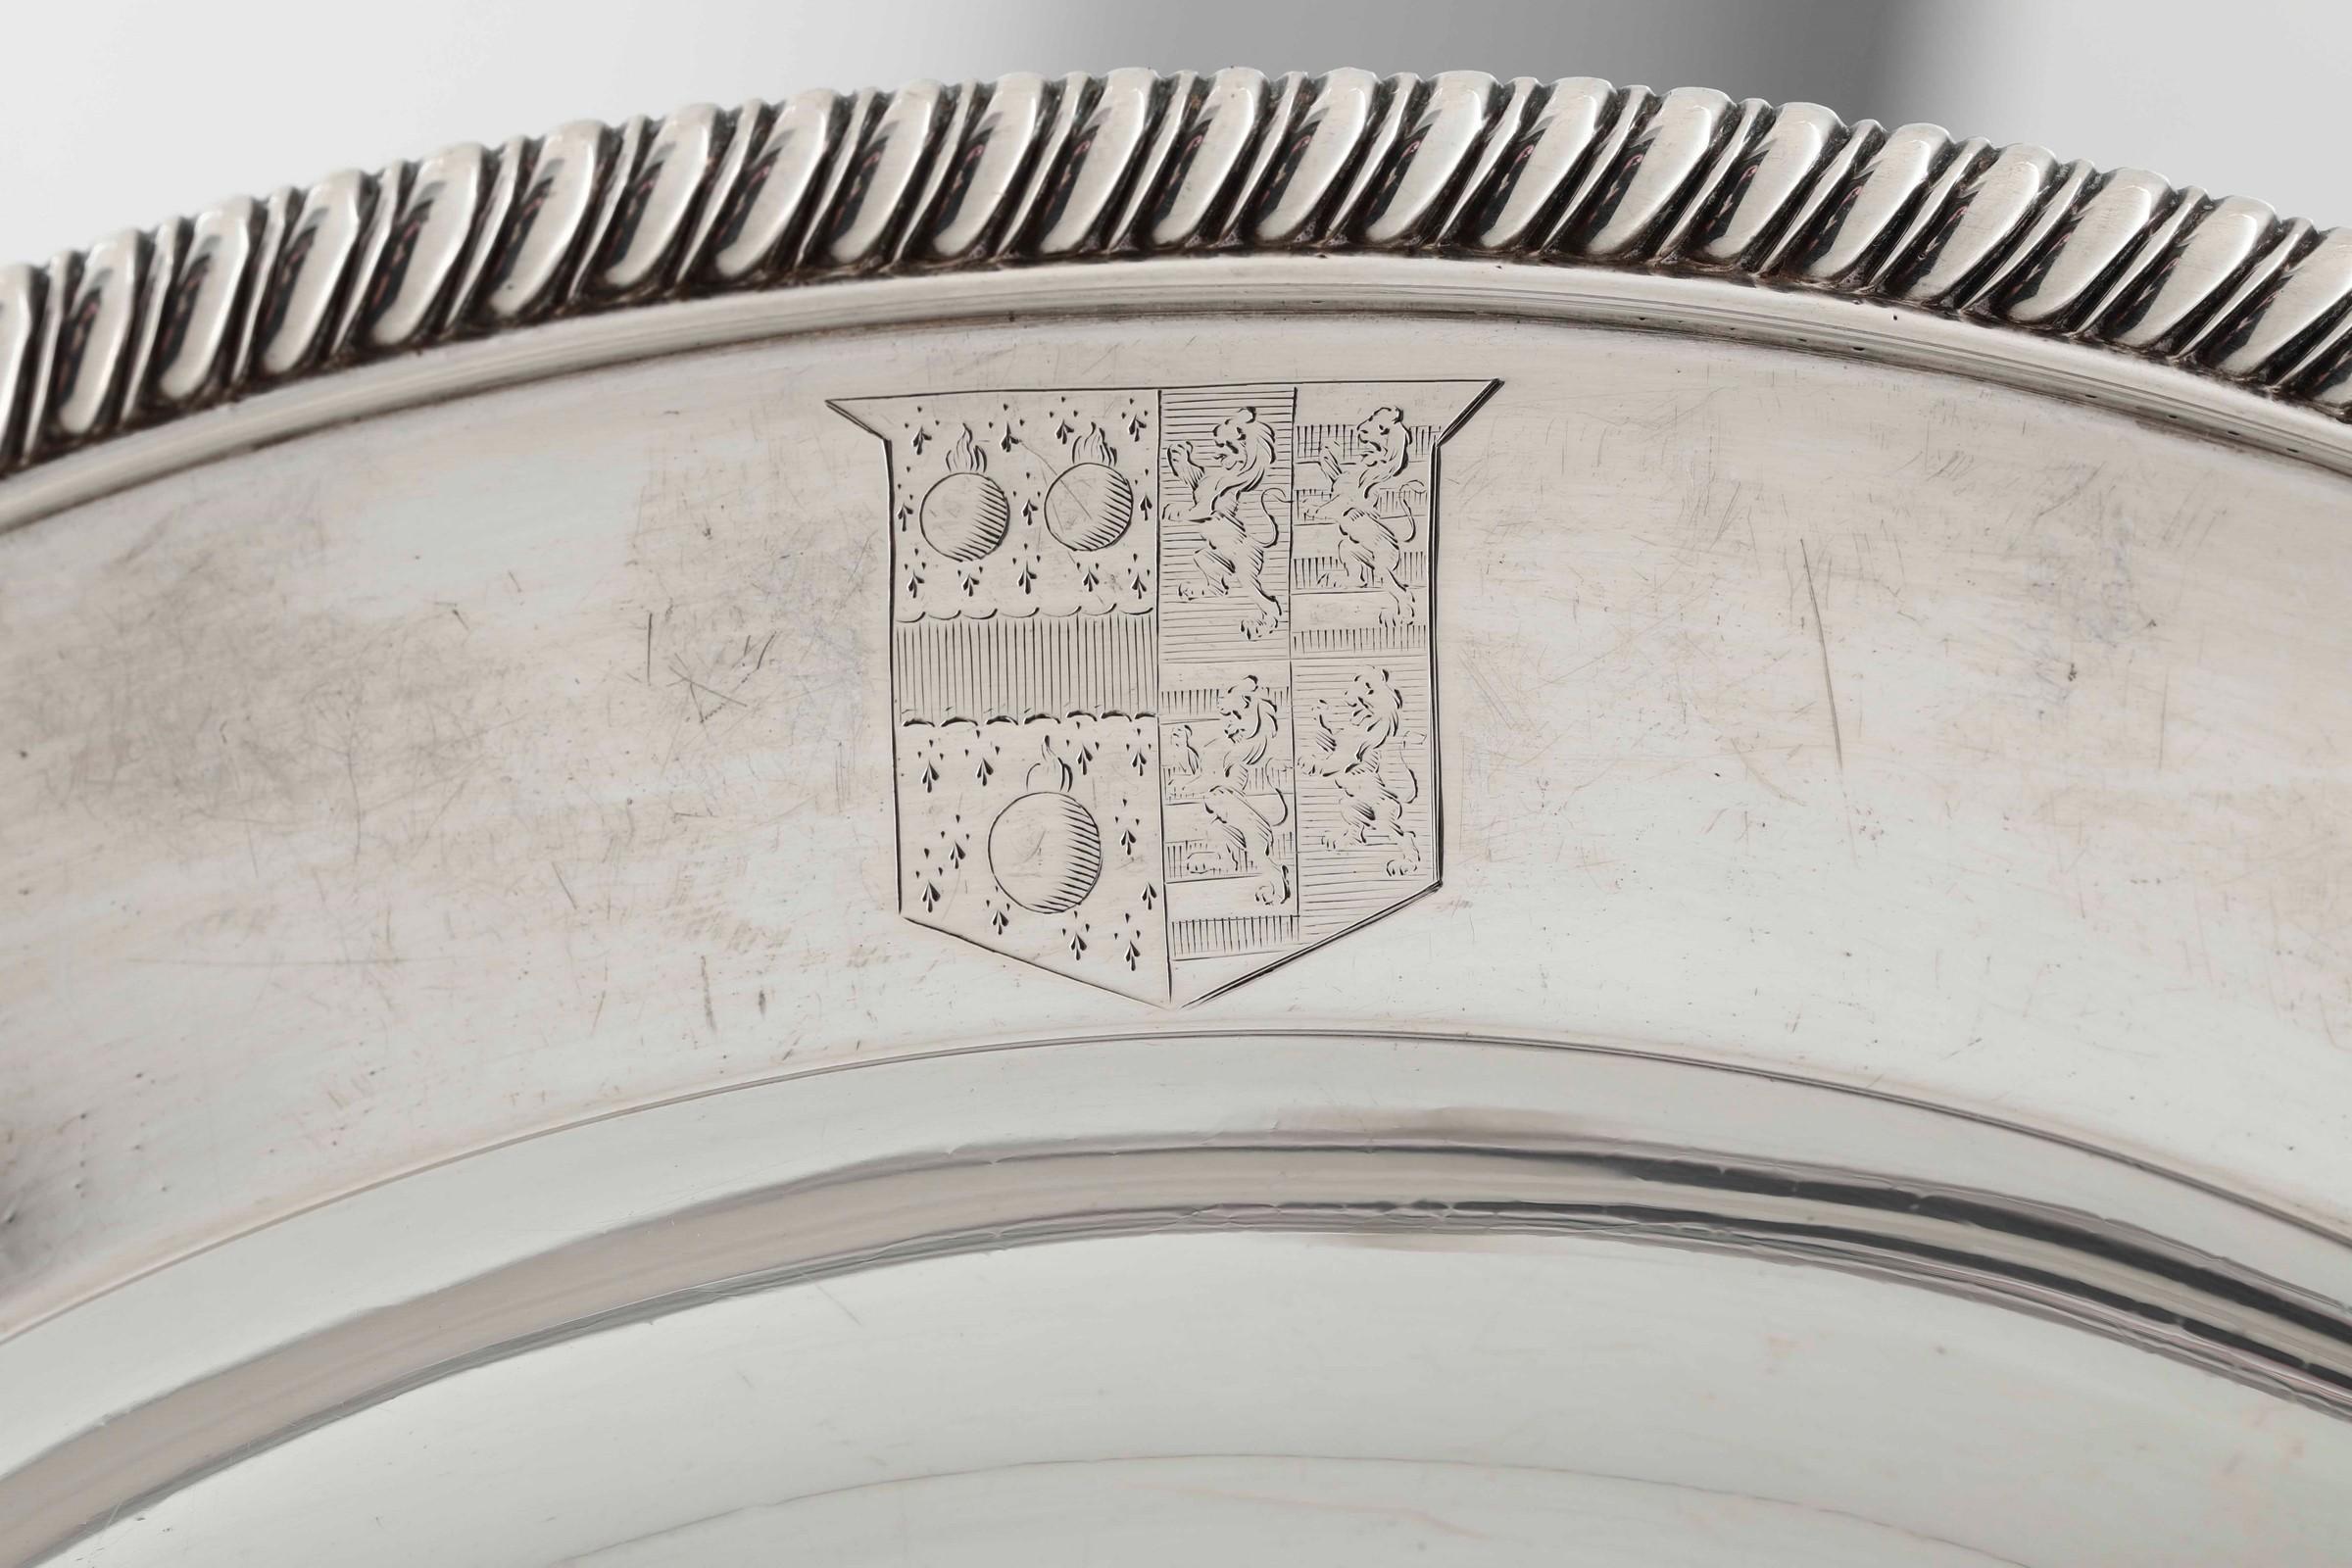 Legumiera tonda in argento fuso, sbalzato e cesellato. Inghilterra XVIII-XIX secolo, [...] - Image 3 of 5